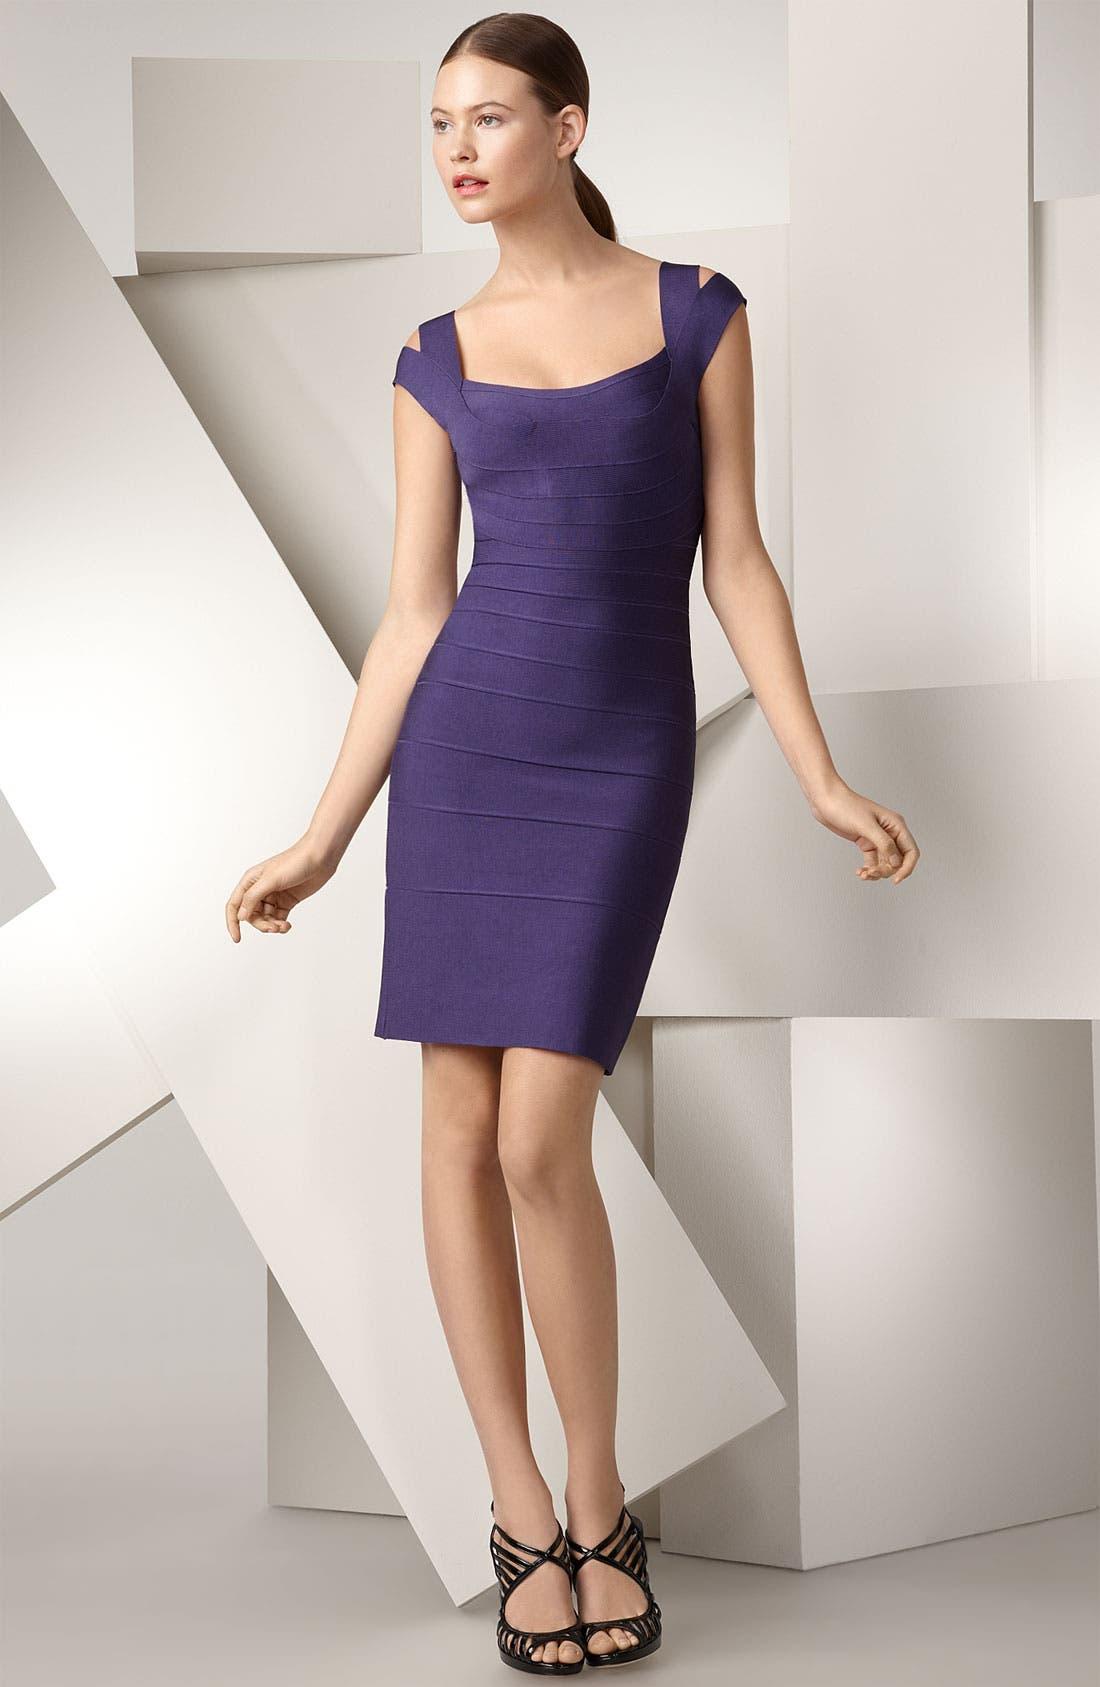 Double Strap Bandage Dress, Main, color, 447